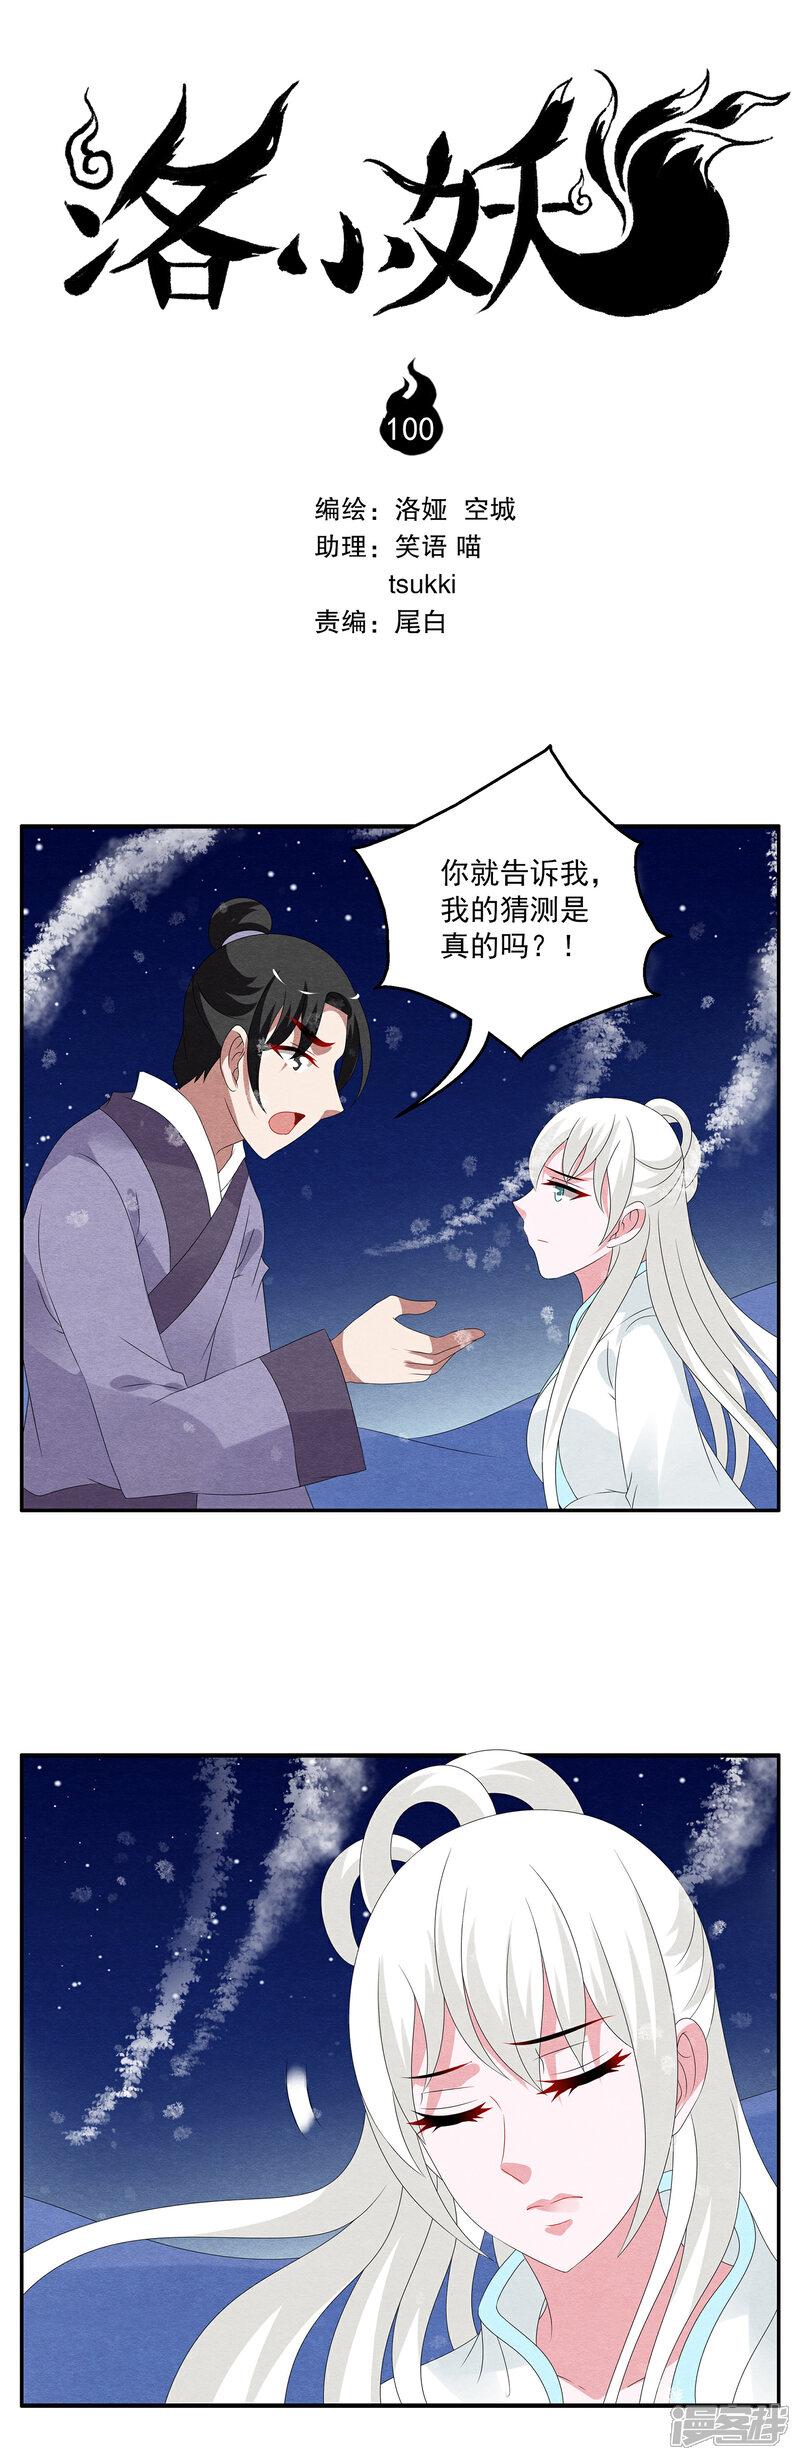 洛小妖1001010001-1.jpg